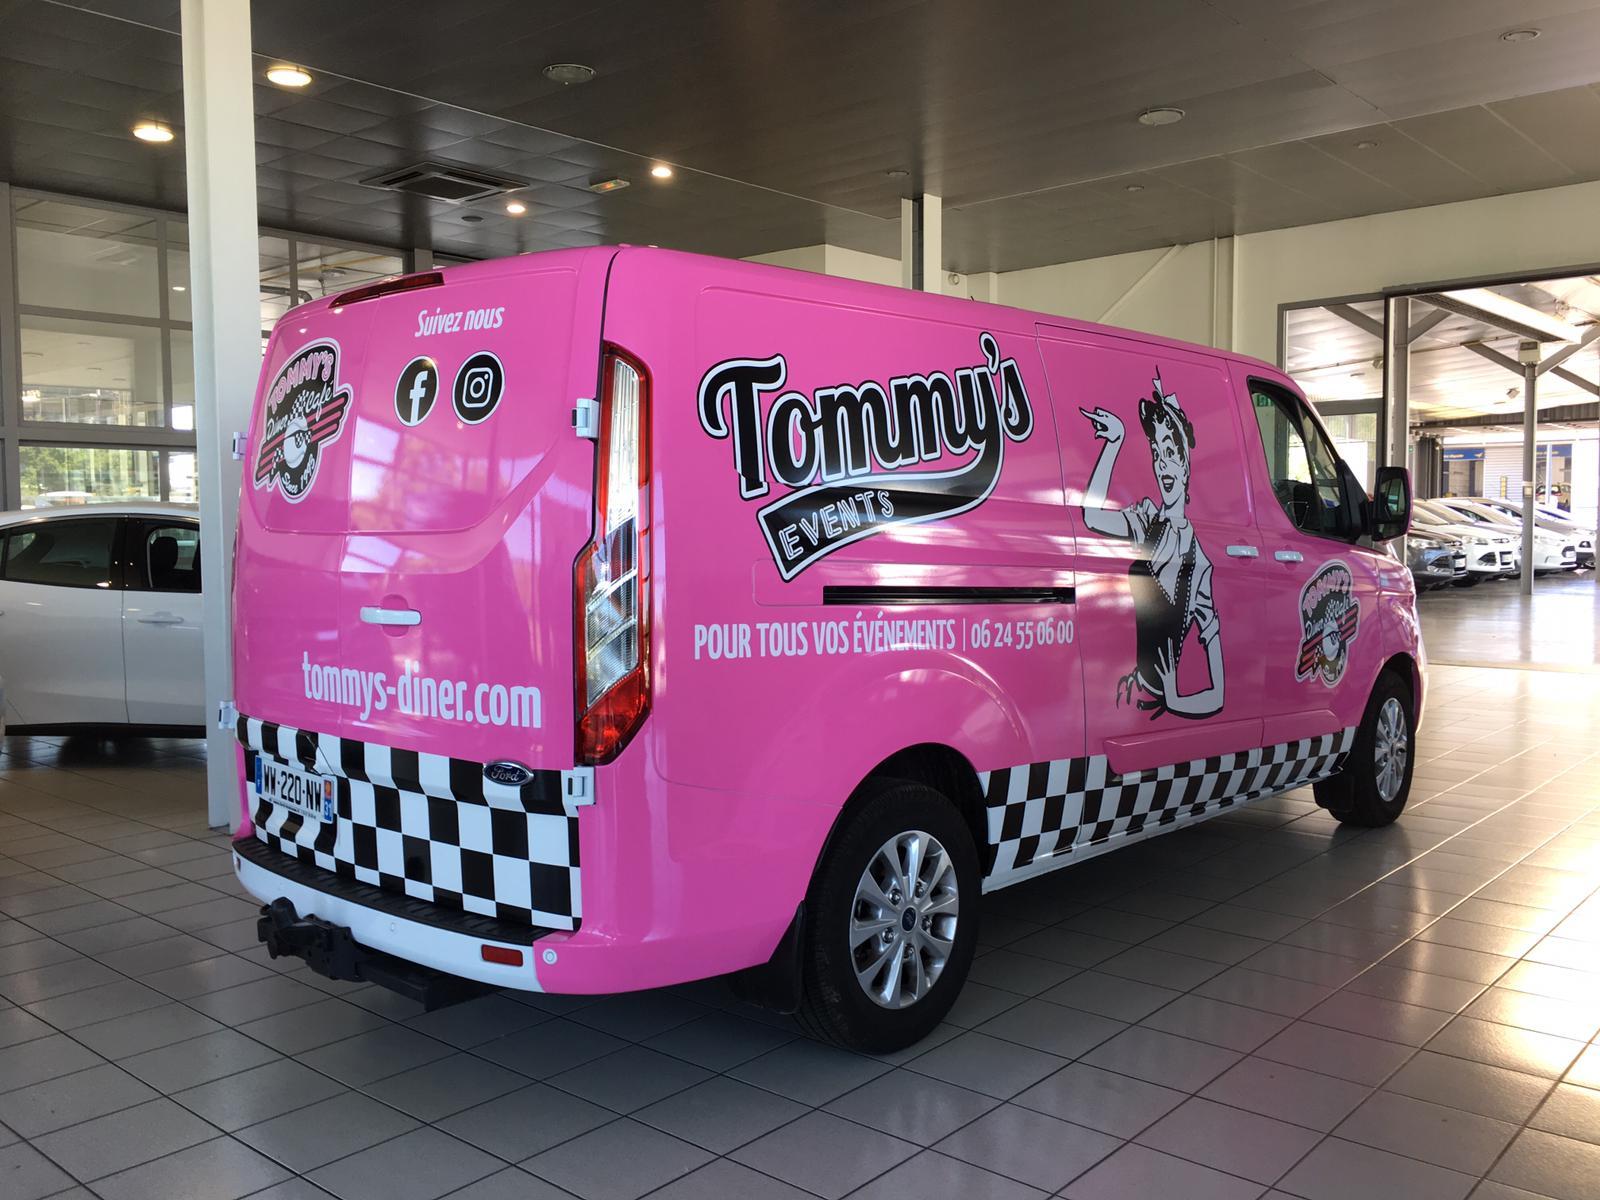 Impression d'un marquage véhicule, enseigne et signalétique Restaurant food truck Le tommy's